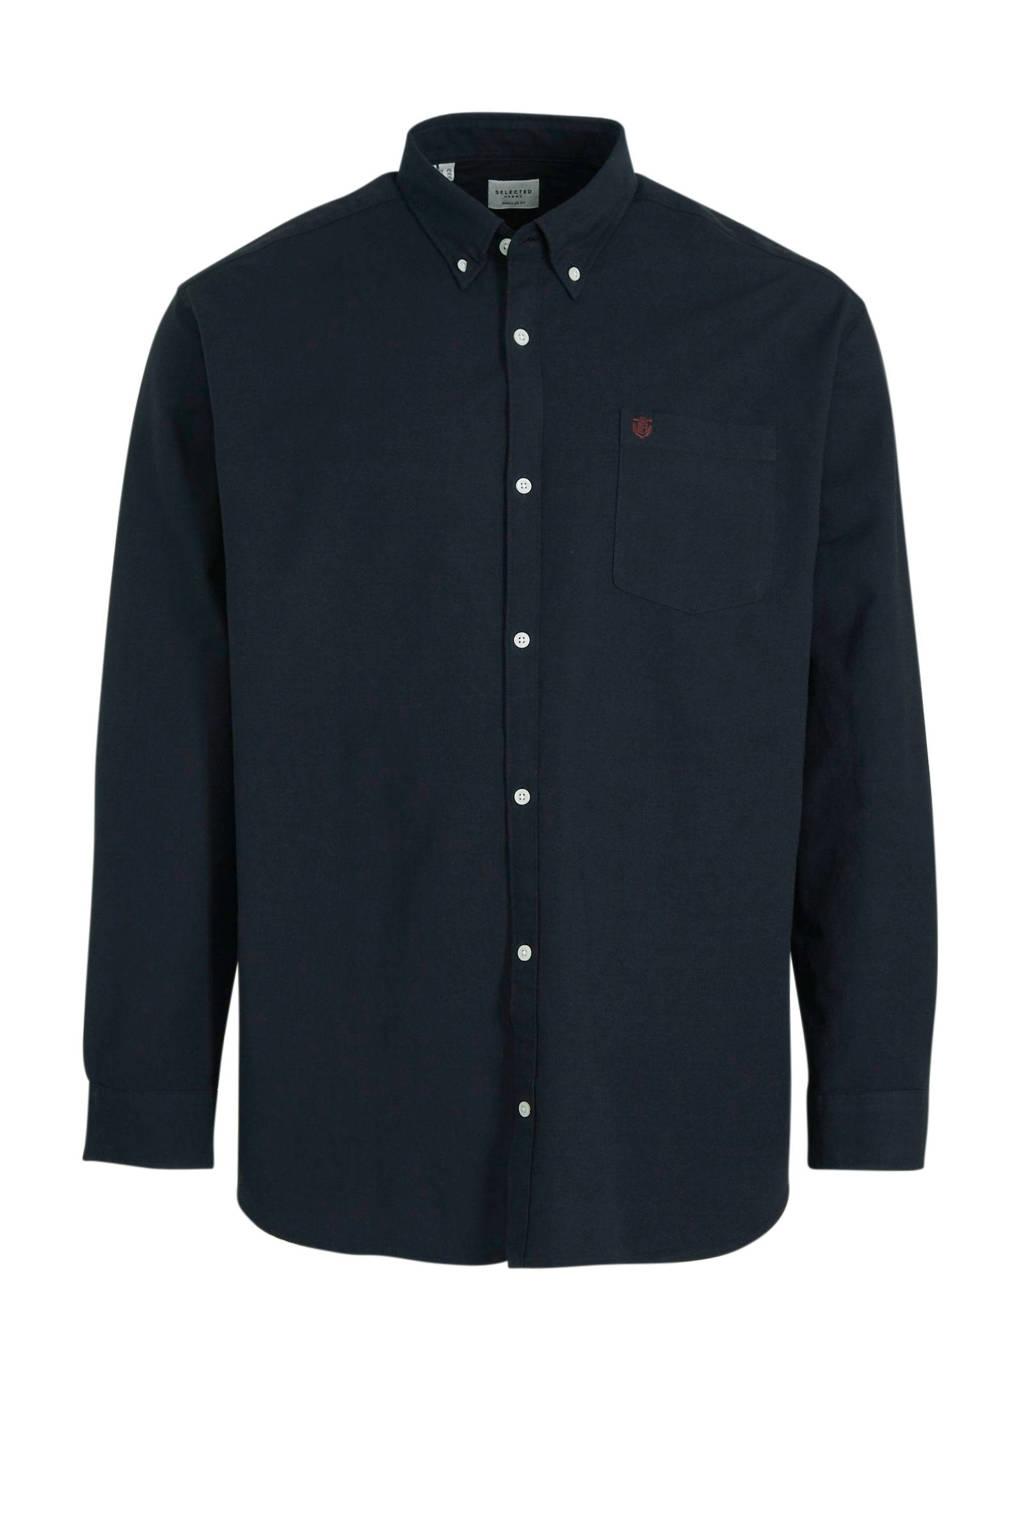 Selected Homme +Fit regular fit overhemd zwart, Zwart